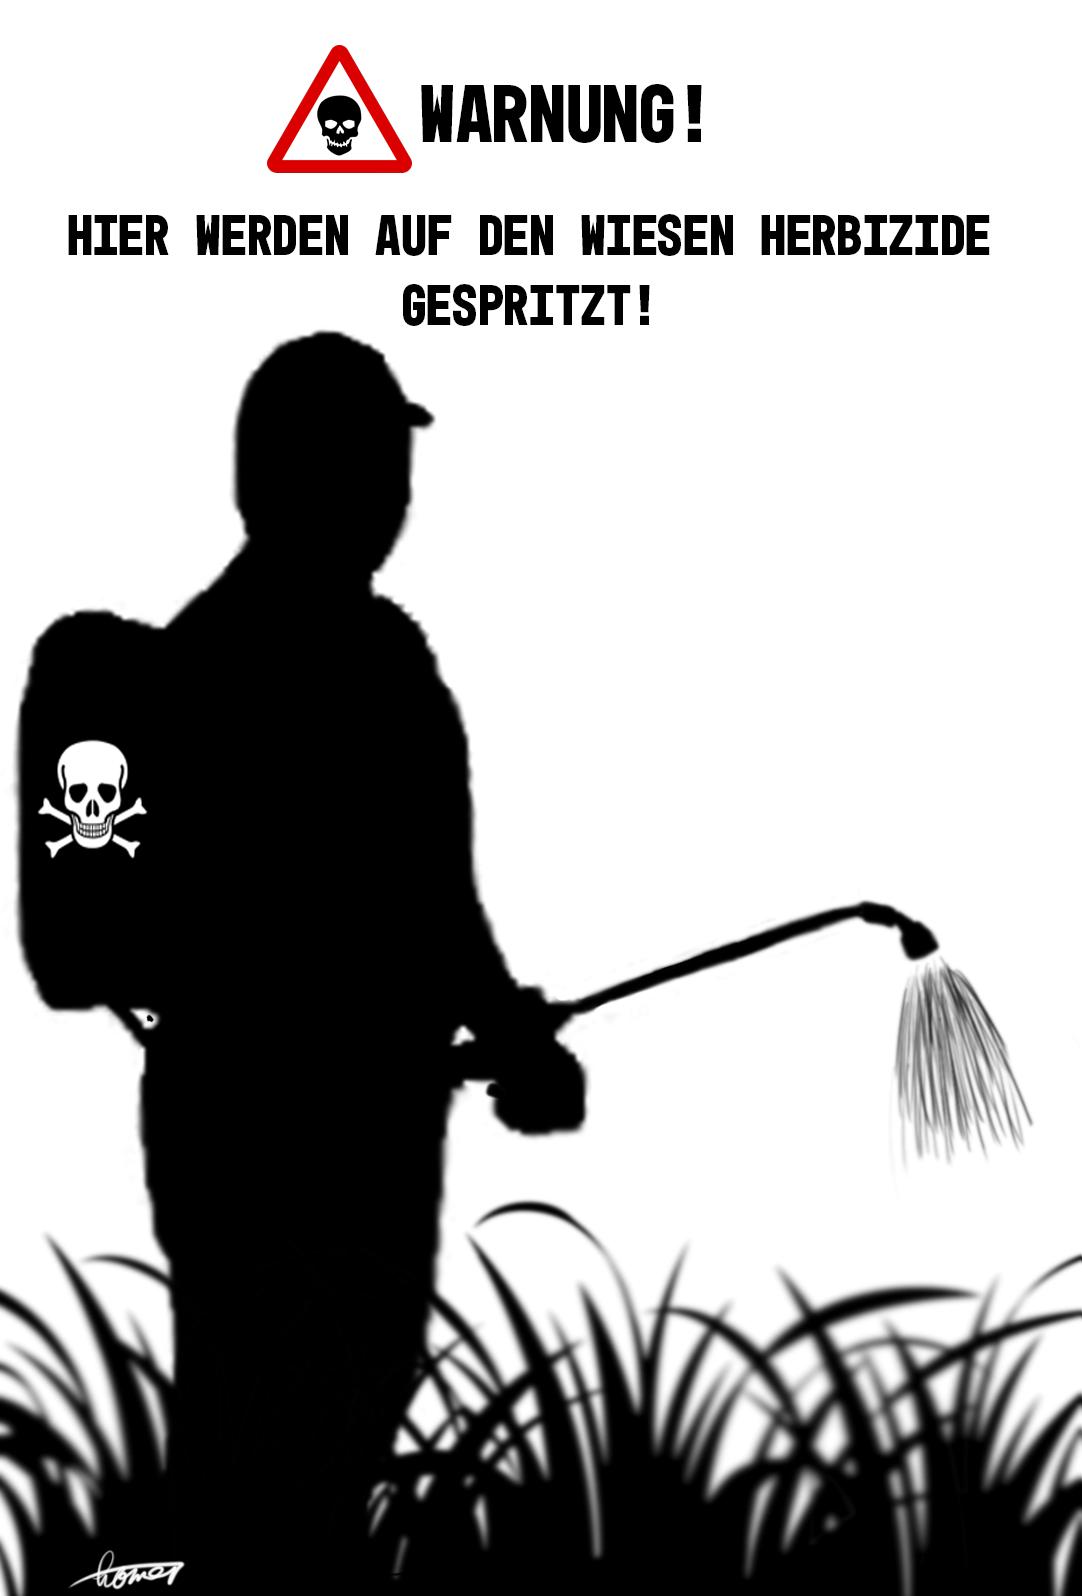 Plakat für Wanderwege. Druckversion. Copyright: Vecker Idee, Homer Graphik.